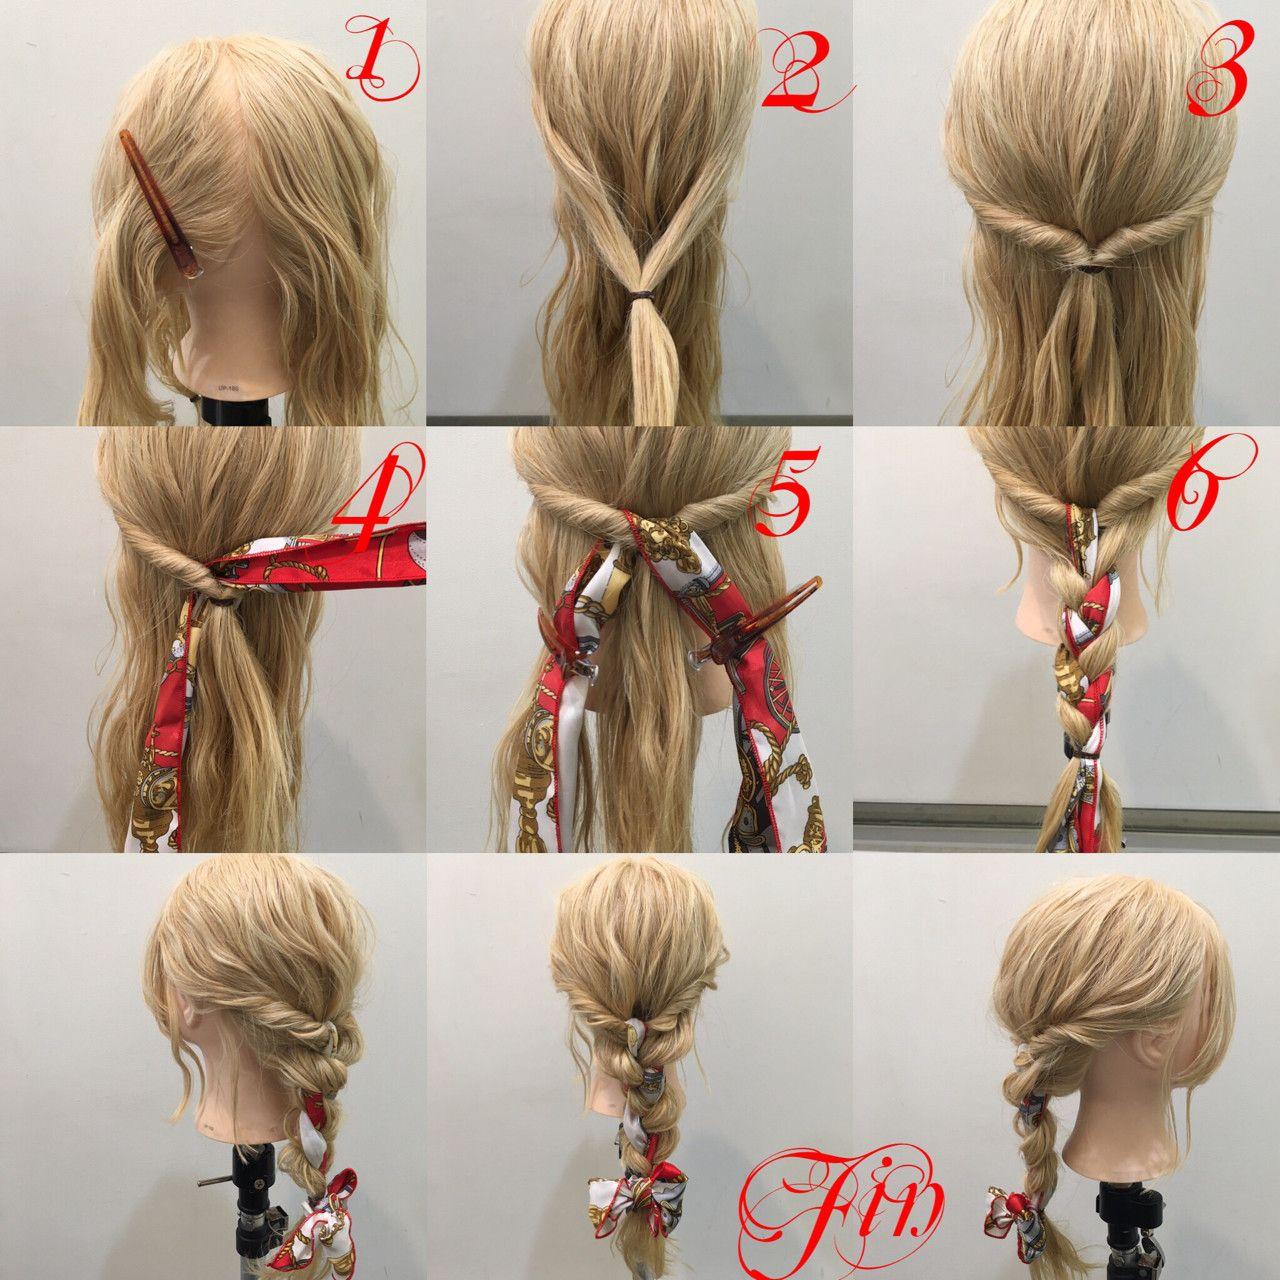 1 横と後ろを分けます 2 横の髪を後ろで結びます 3 くるりんぱの